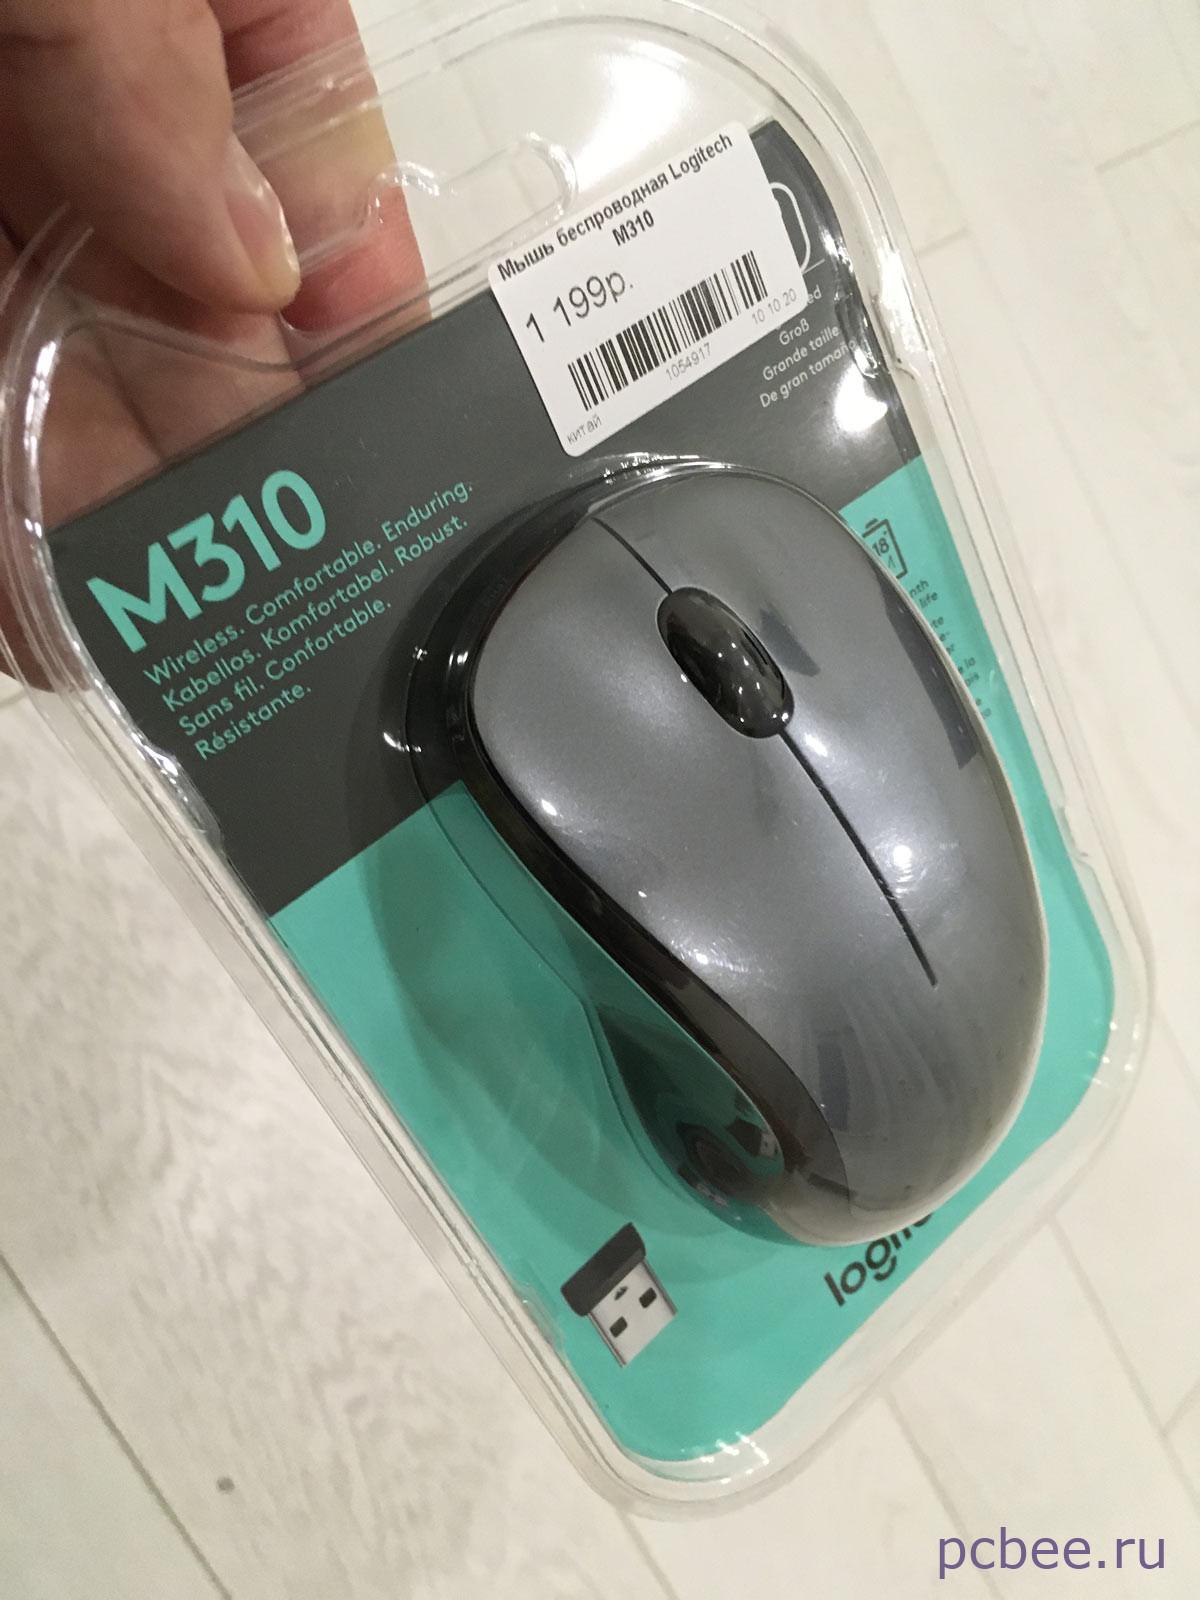 Беспроводная мышь Logitech M310 продается в блистерной упаковке - посмотреть можно, а потрогать корпус удастся только после покупки и распаковки